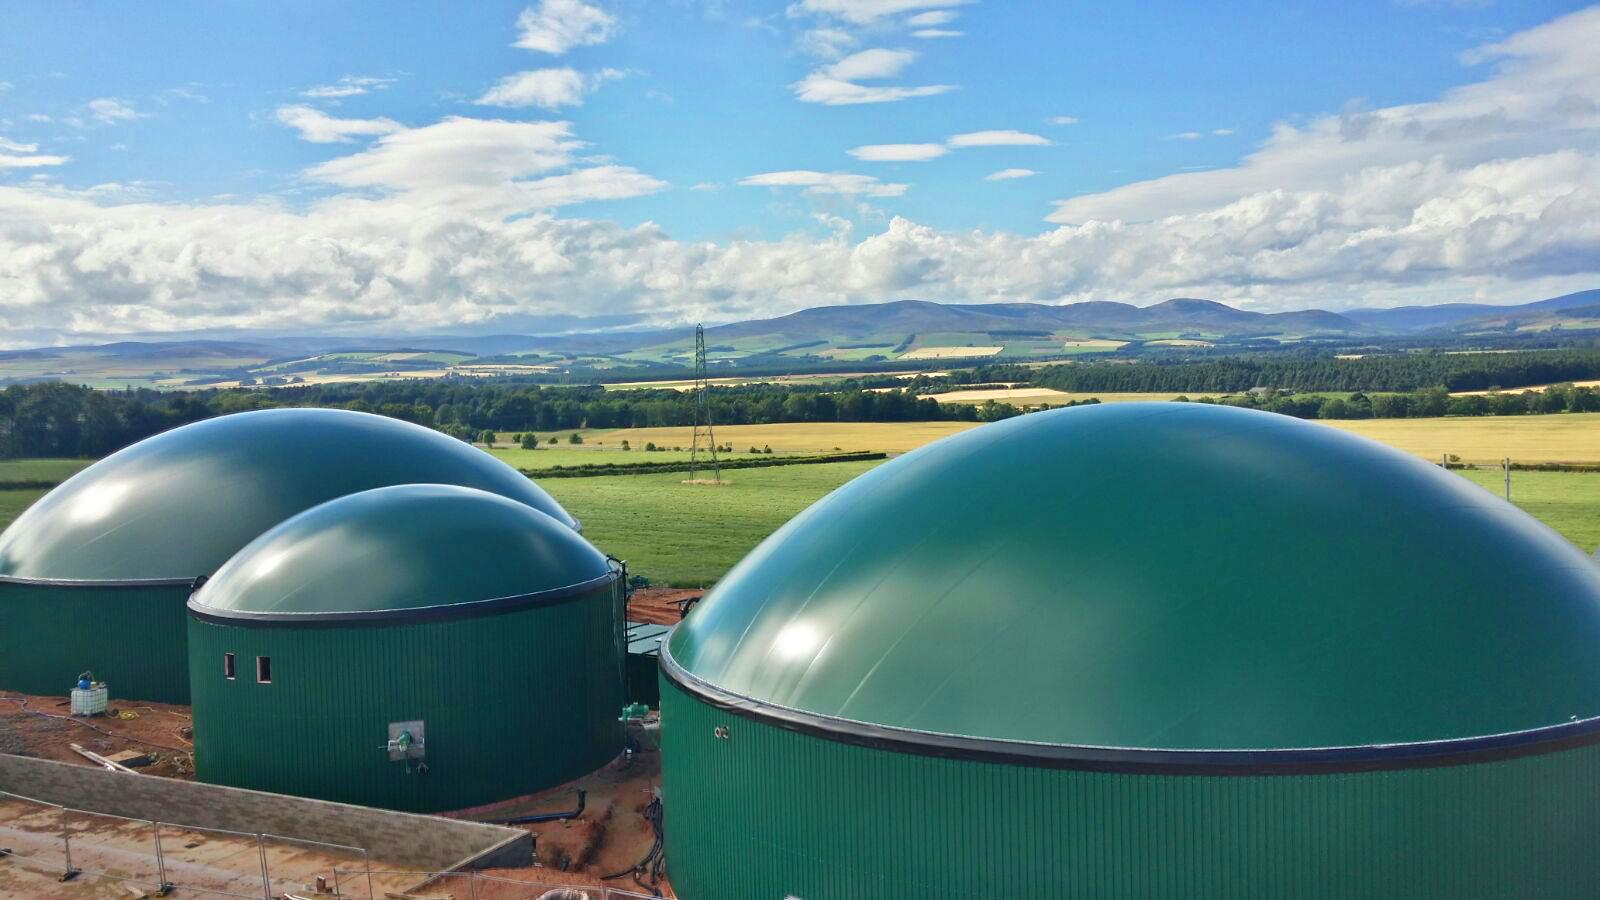 05 Instalación de Gasómetros-Planta de Biogás de 1MW en Stracathro Reino Unido